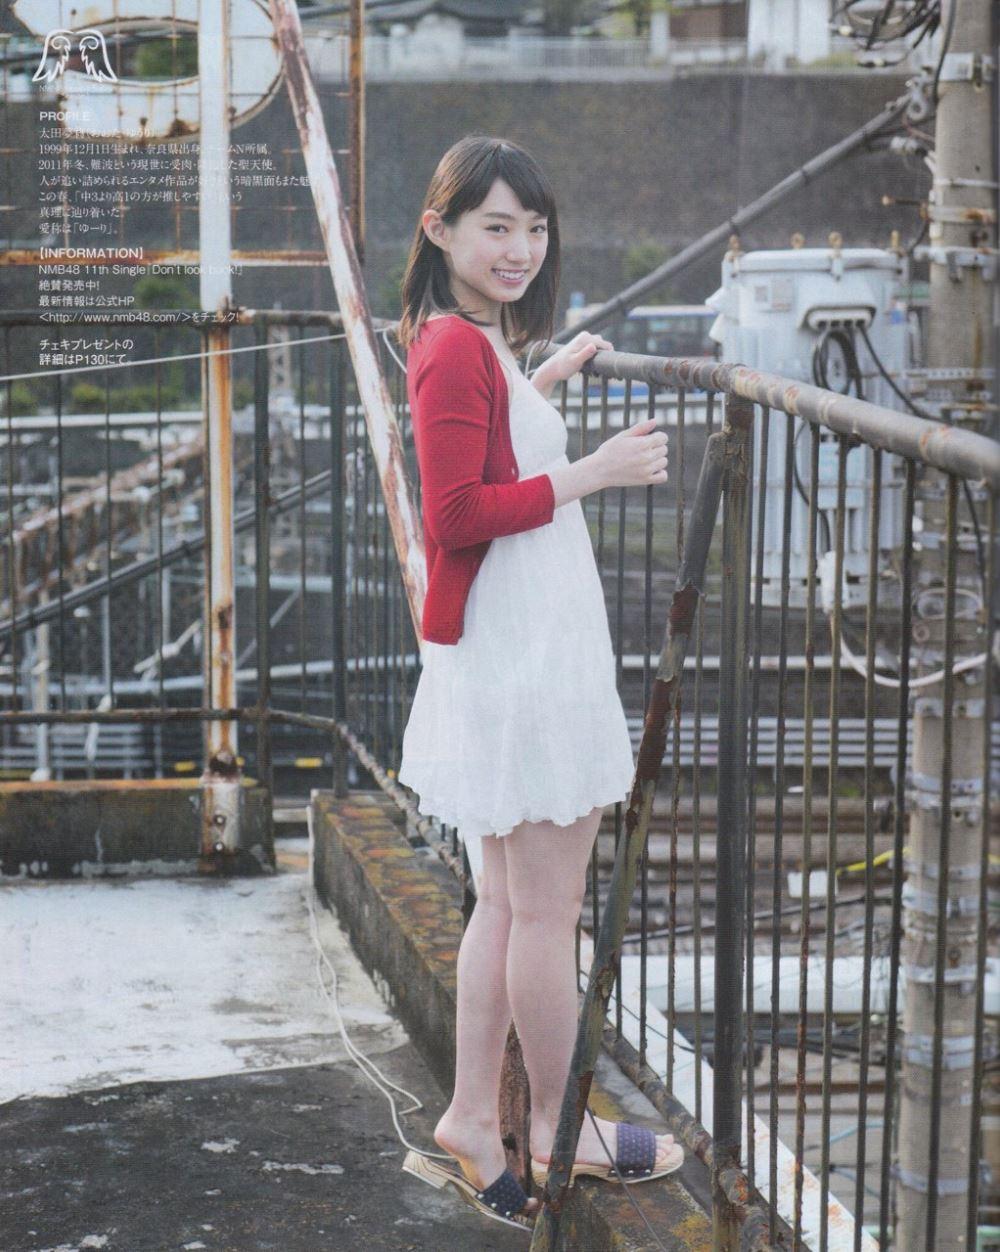 太田夢莉 1万年に1人 可愛い アイドル 水着 画像 38